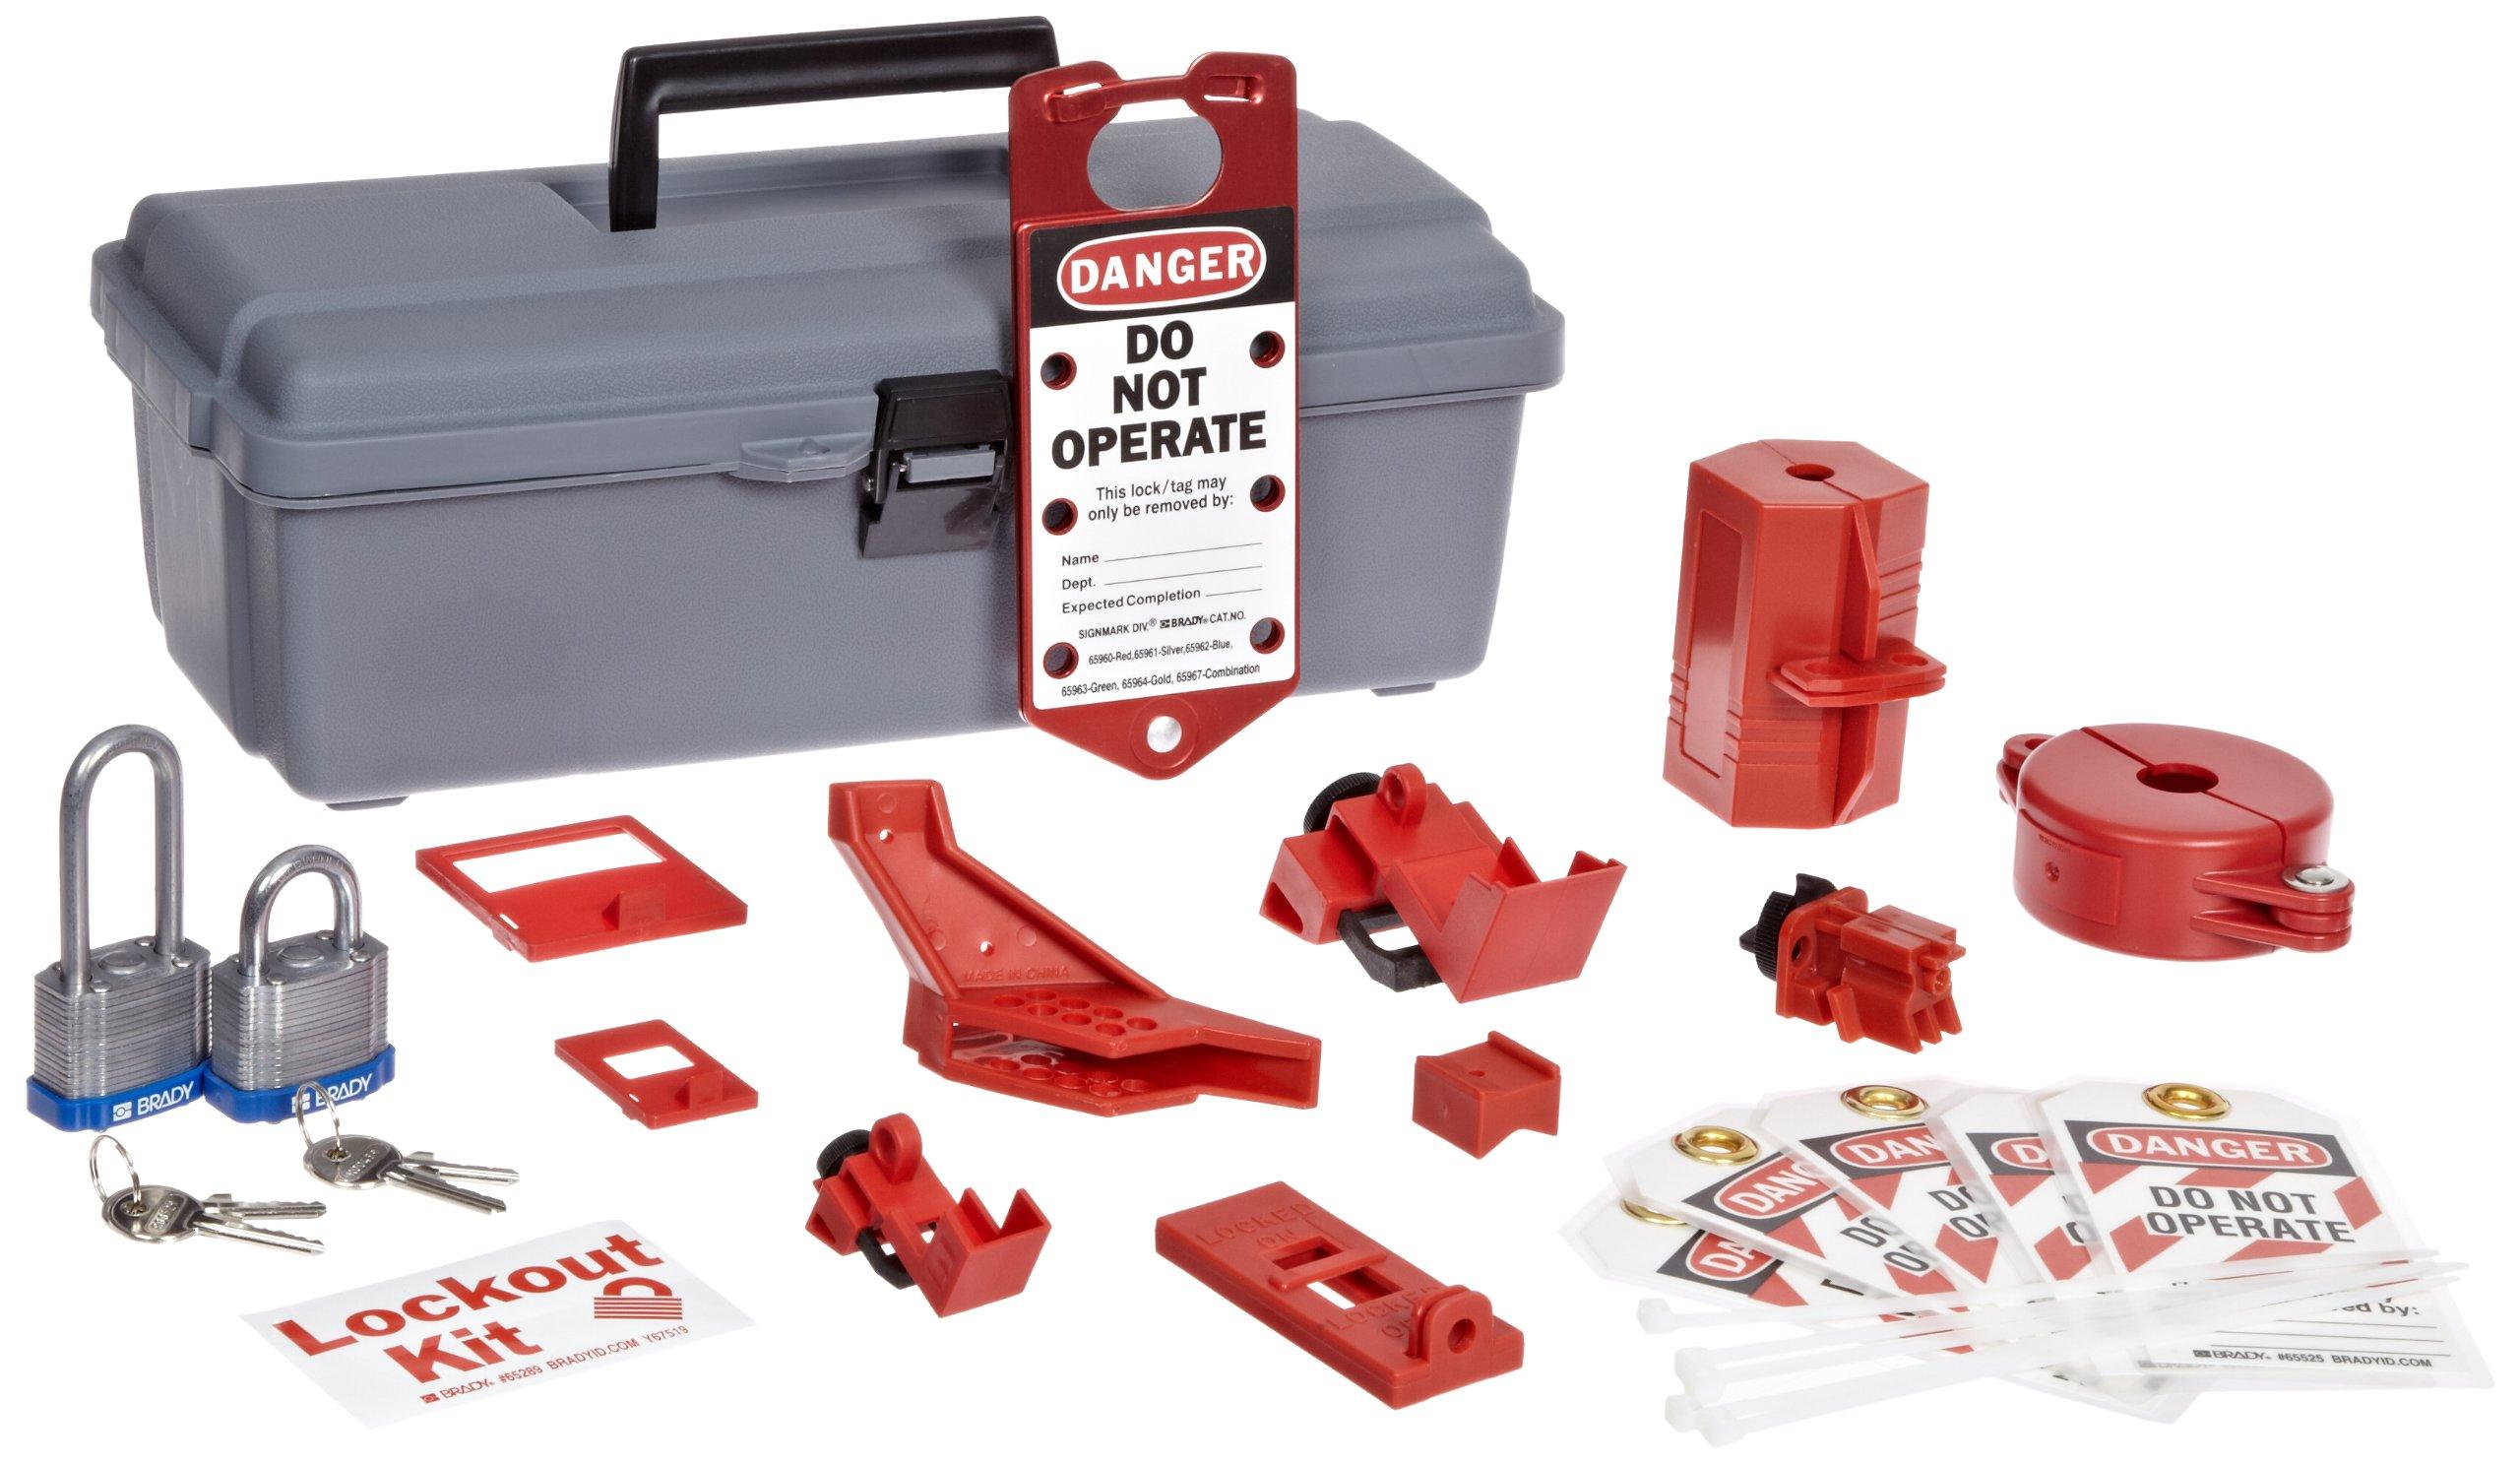 Brady 65289 Lockout Tool Box w/Components (1 Kit) by Brady